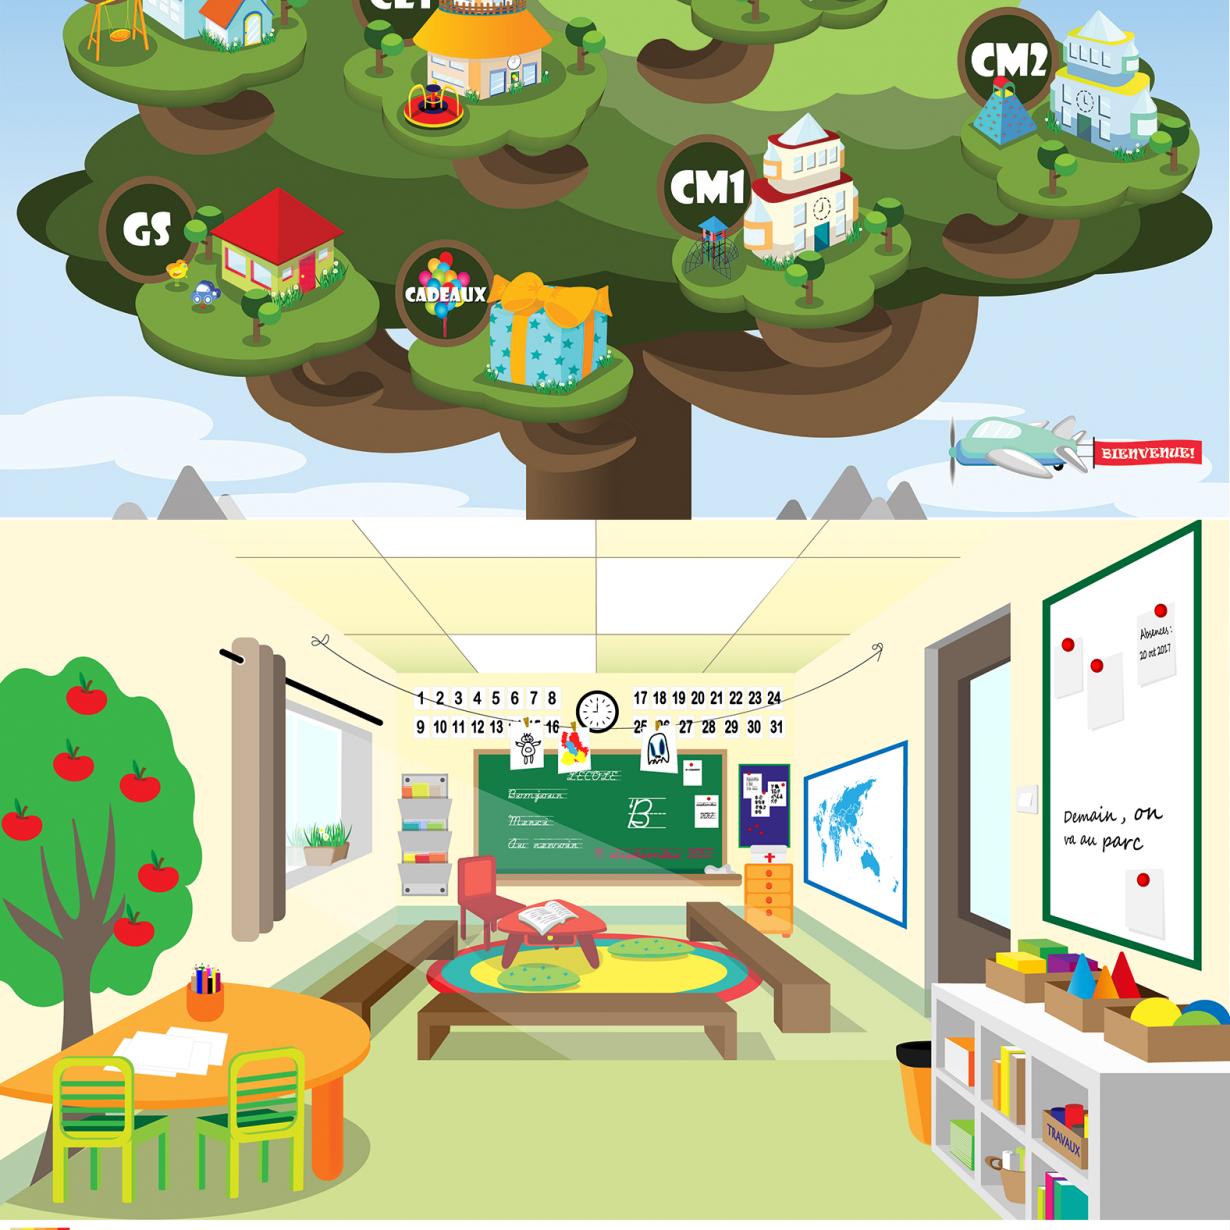 L'école dans l'arbre